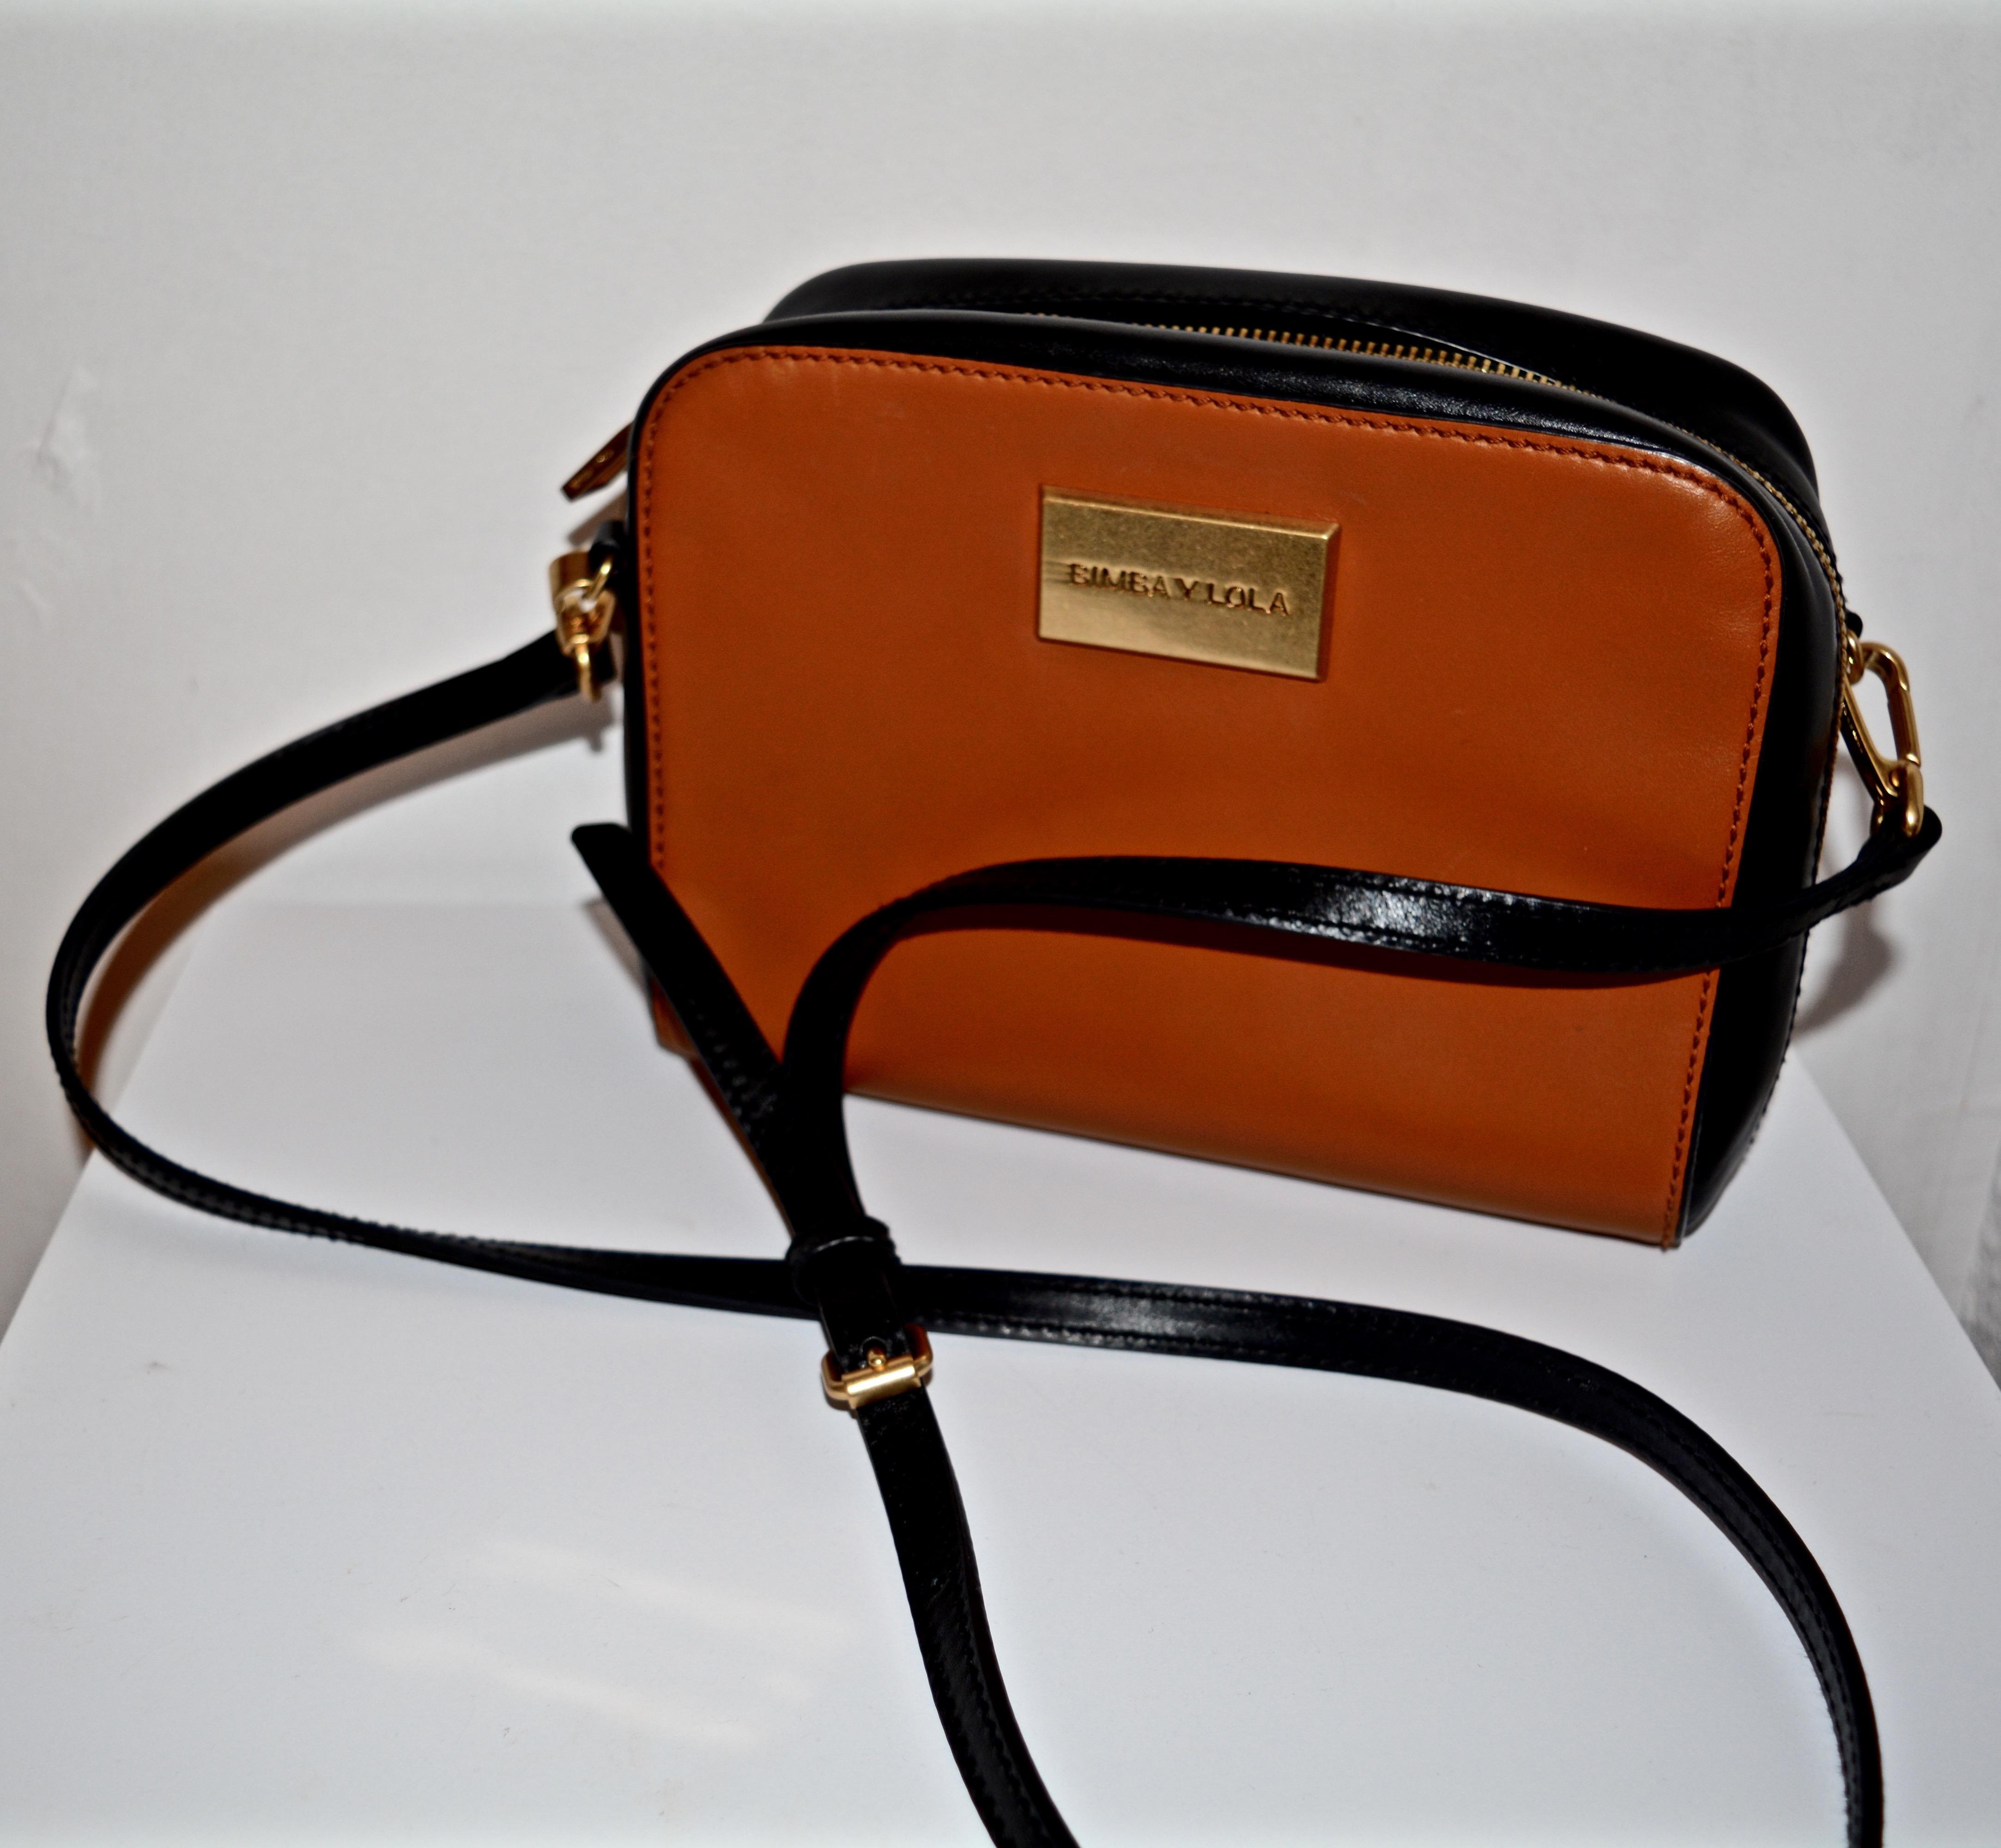 Best Buy Portable Longchamp Le Pliage Messenger Purse Red